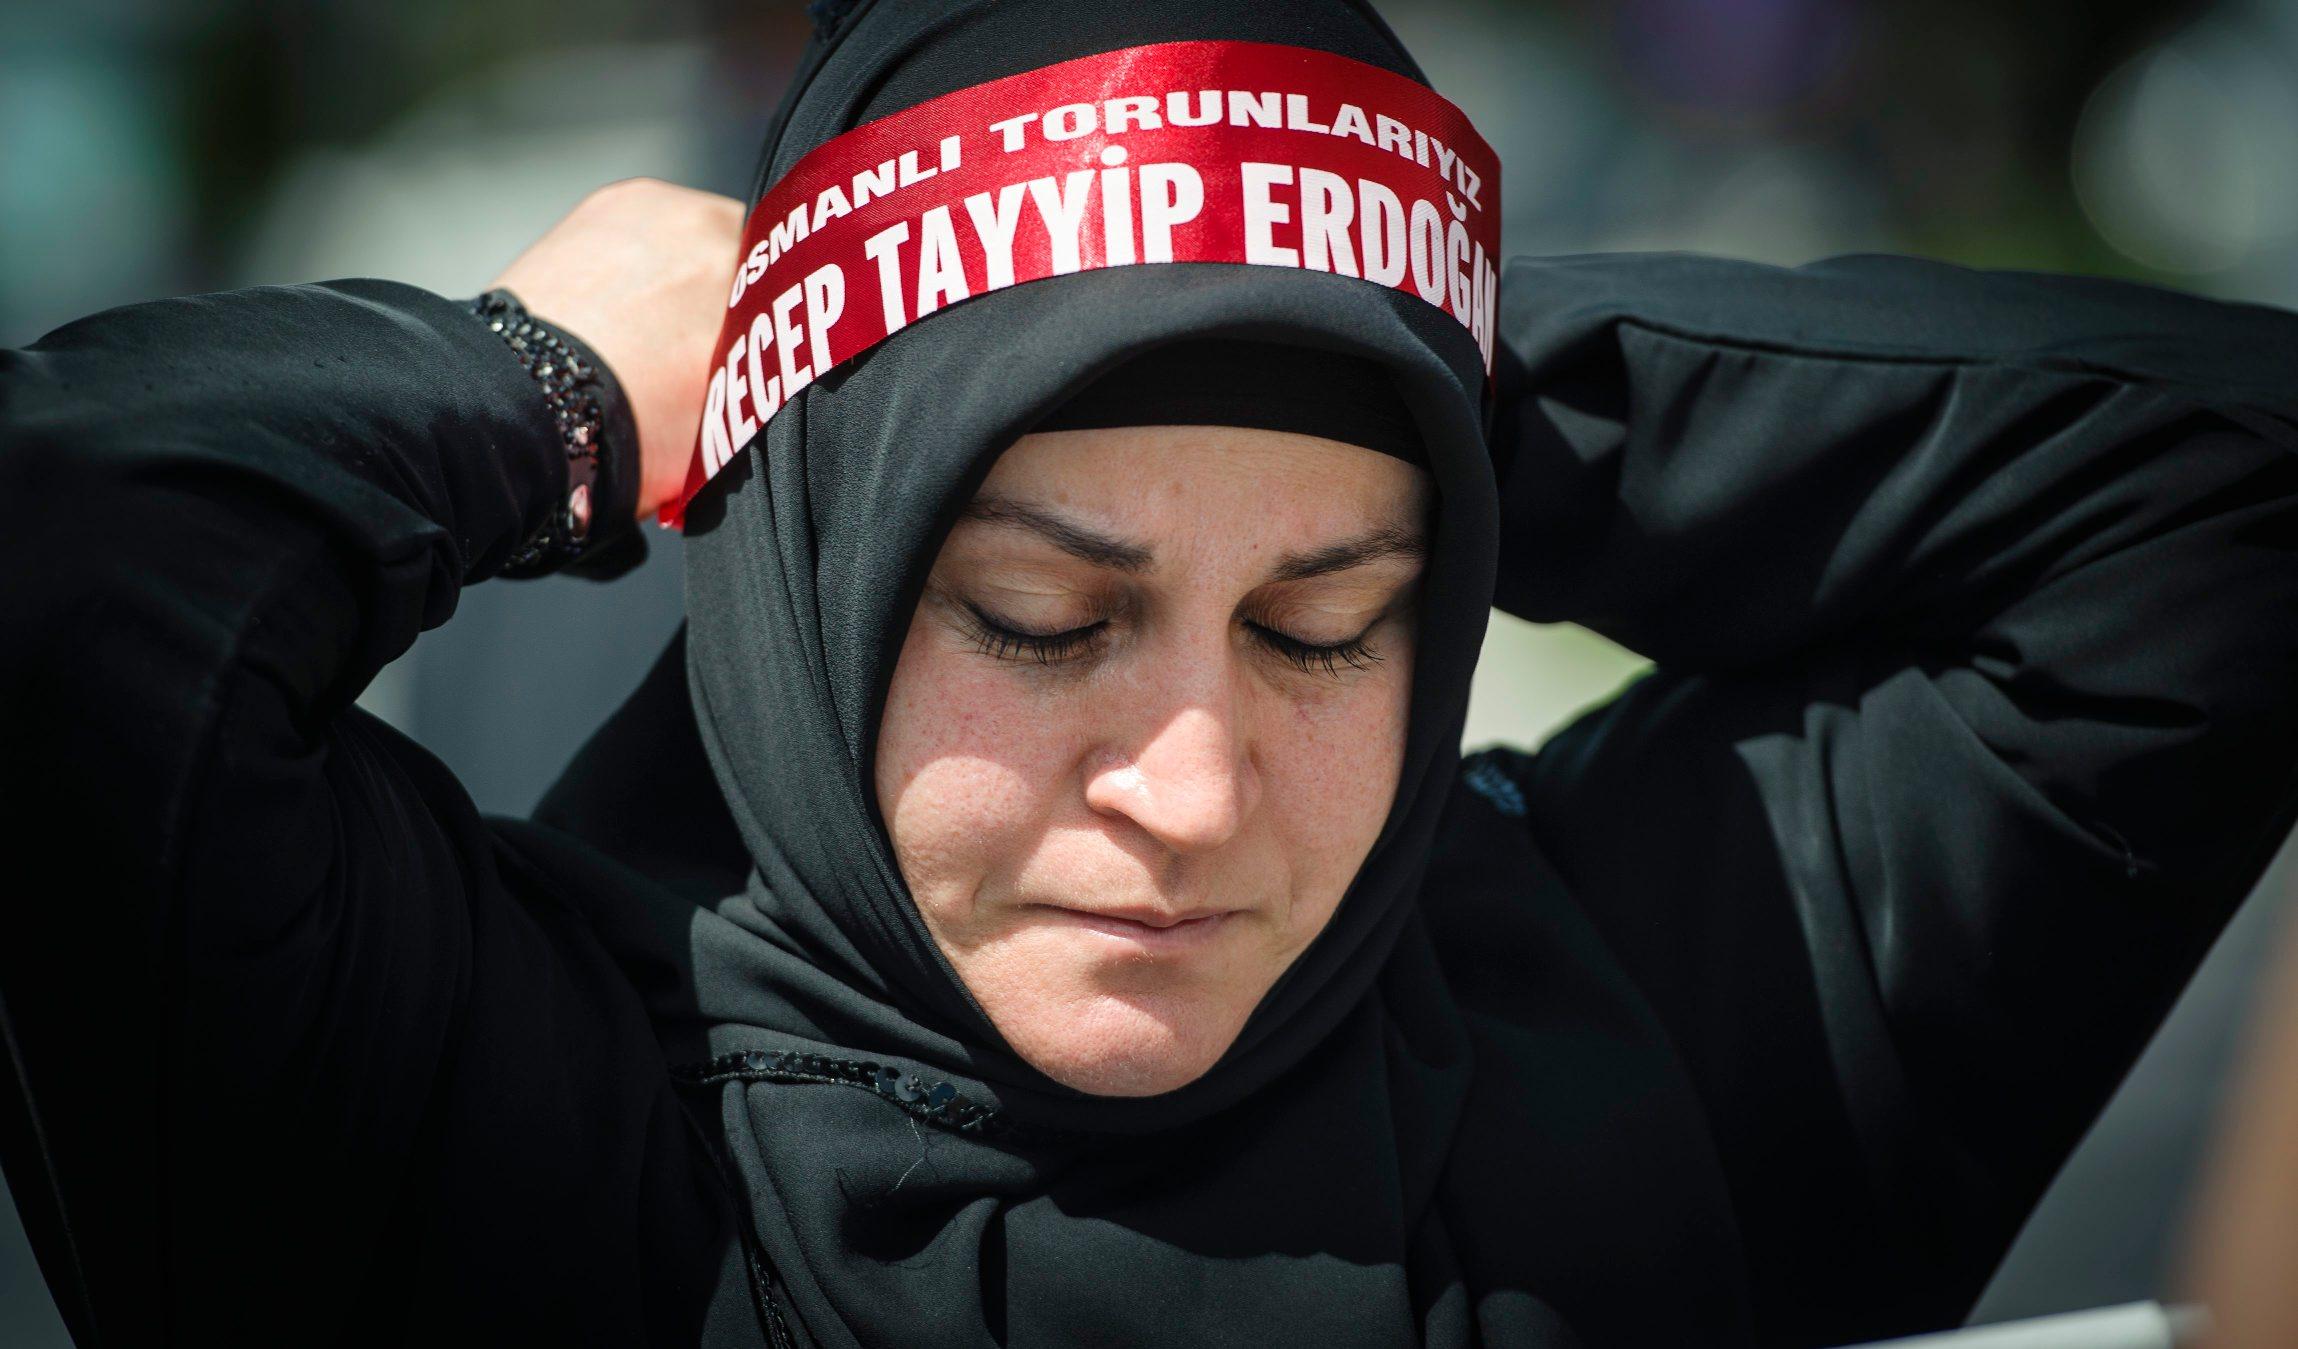 sarajevo_erdogan15-200518